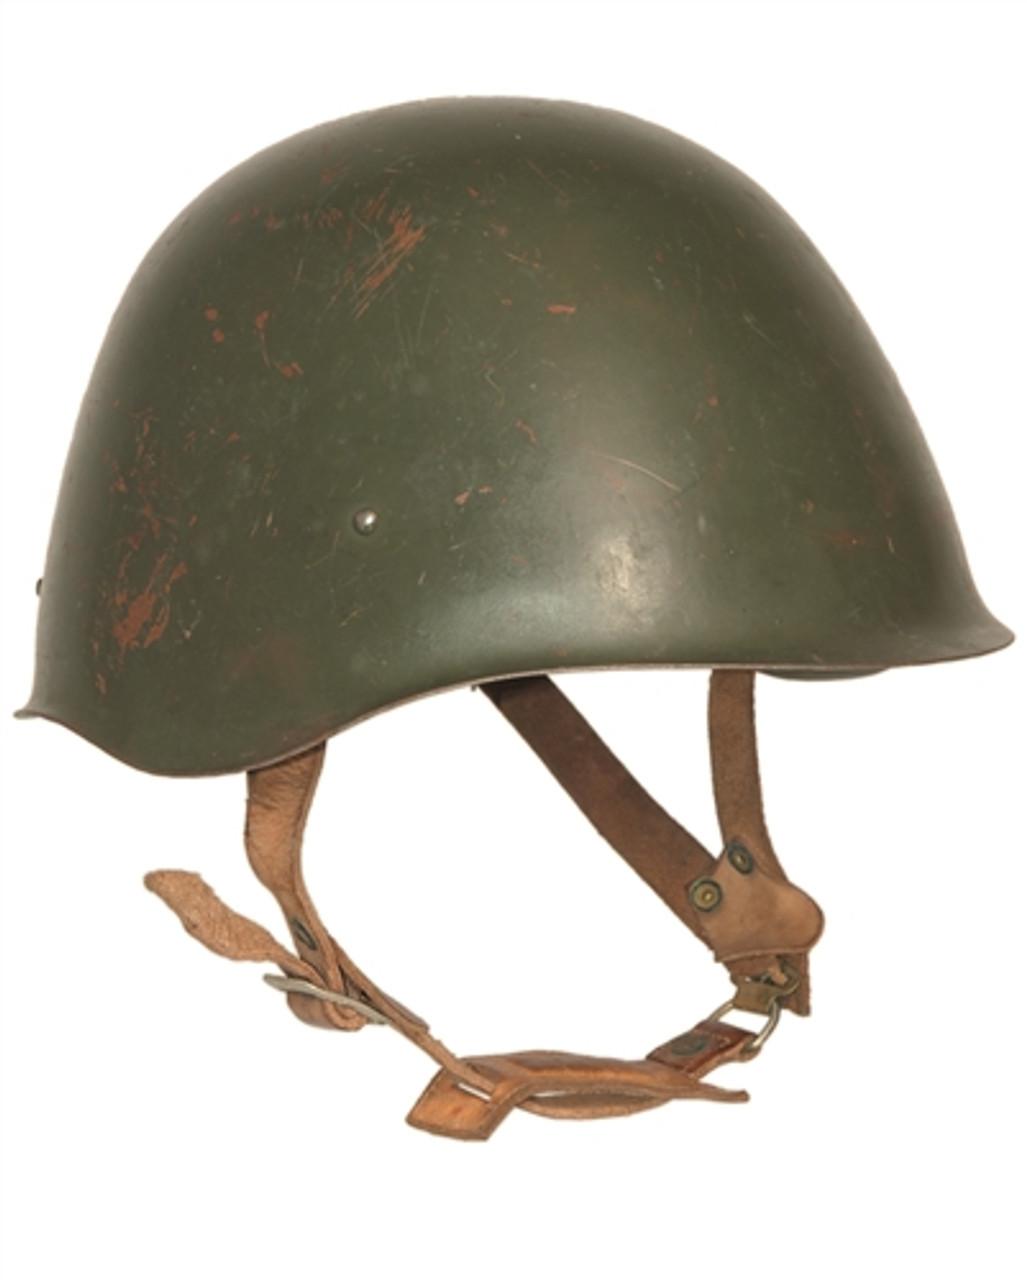 Hungarian M40 Steel Helmet from Hessen Antique